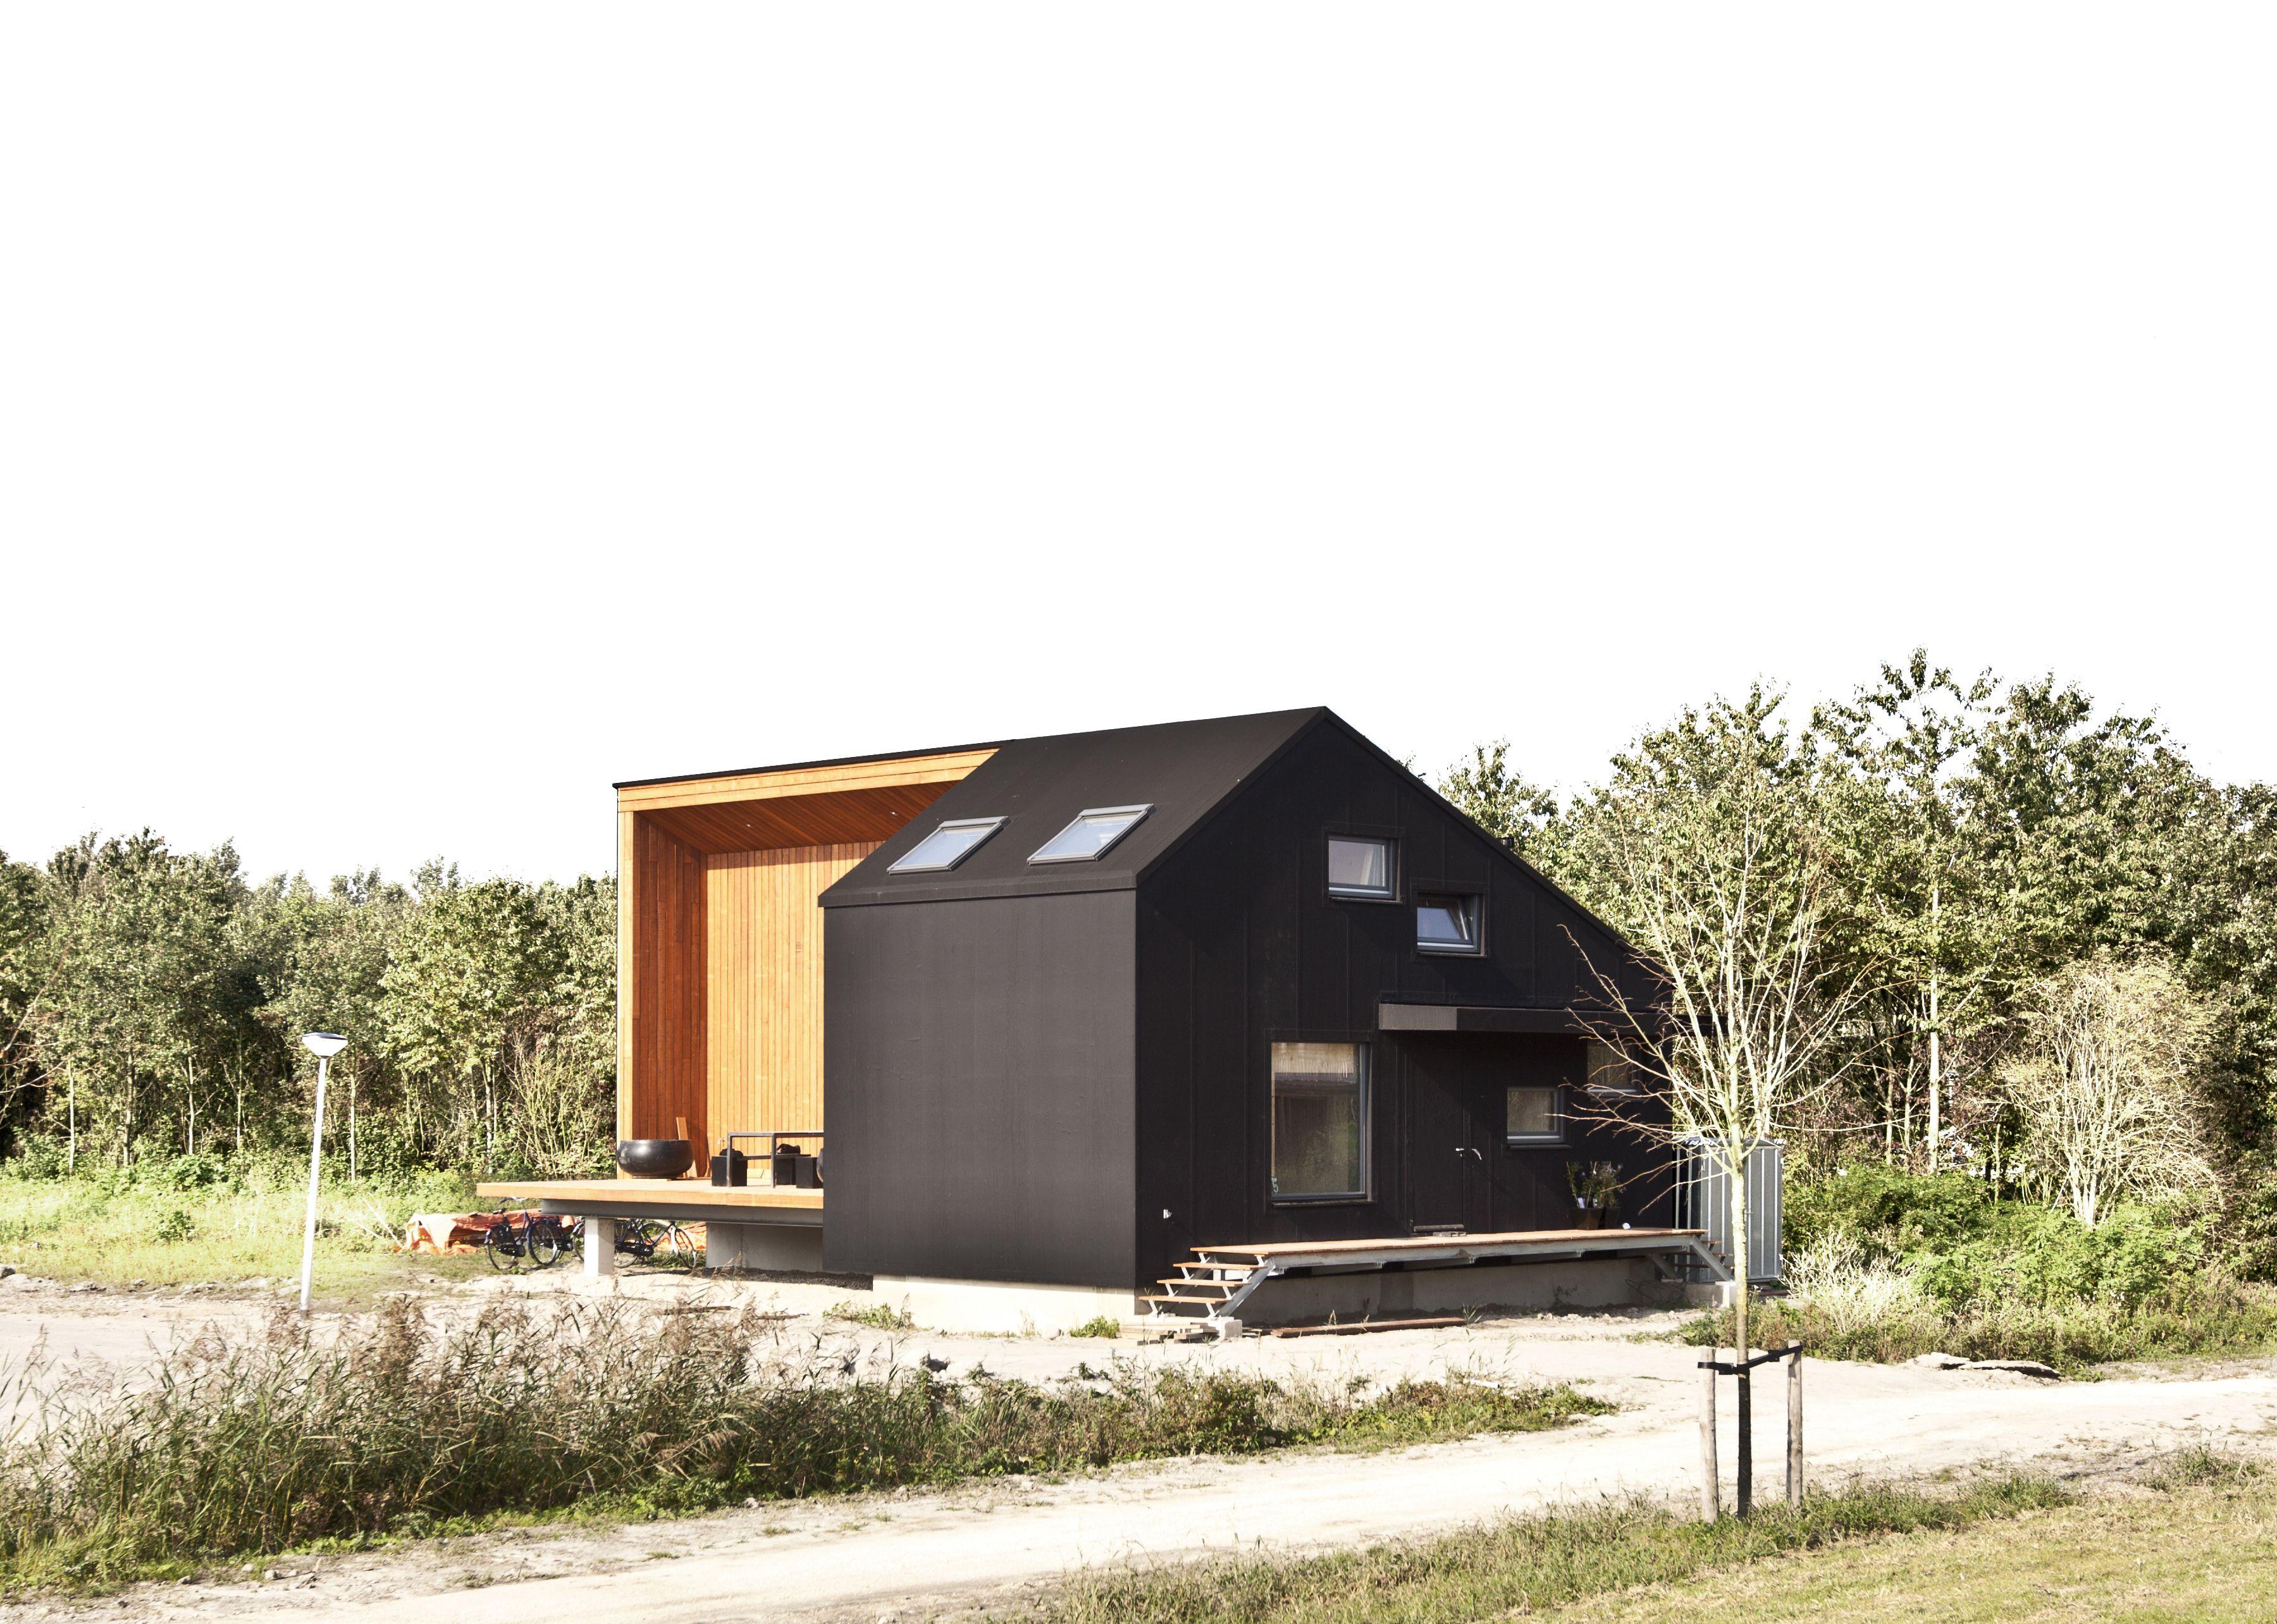 Houten huis met zwarte rubberen huid - Houten huis ...